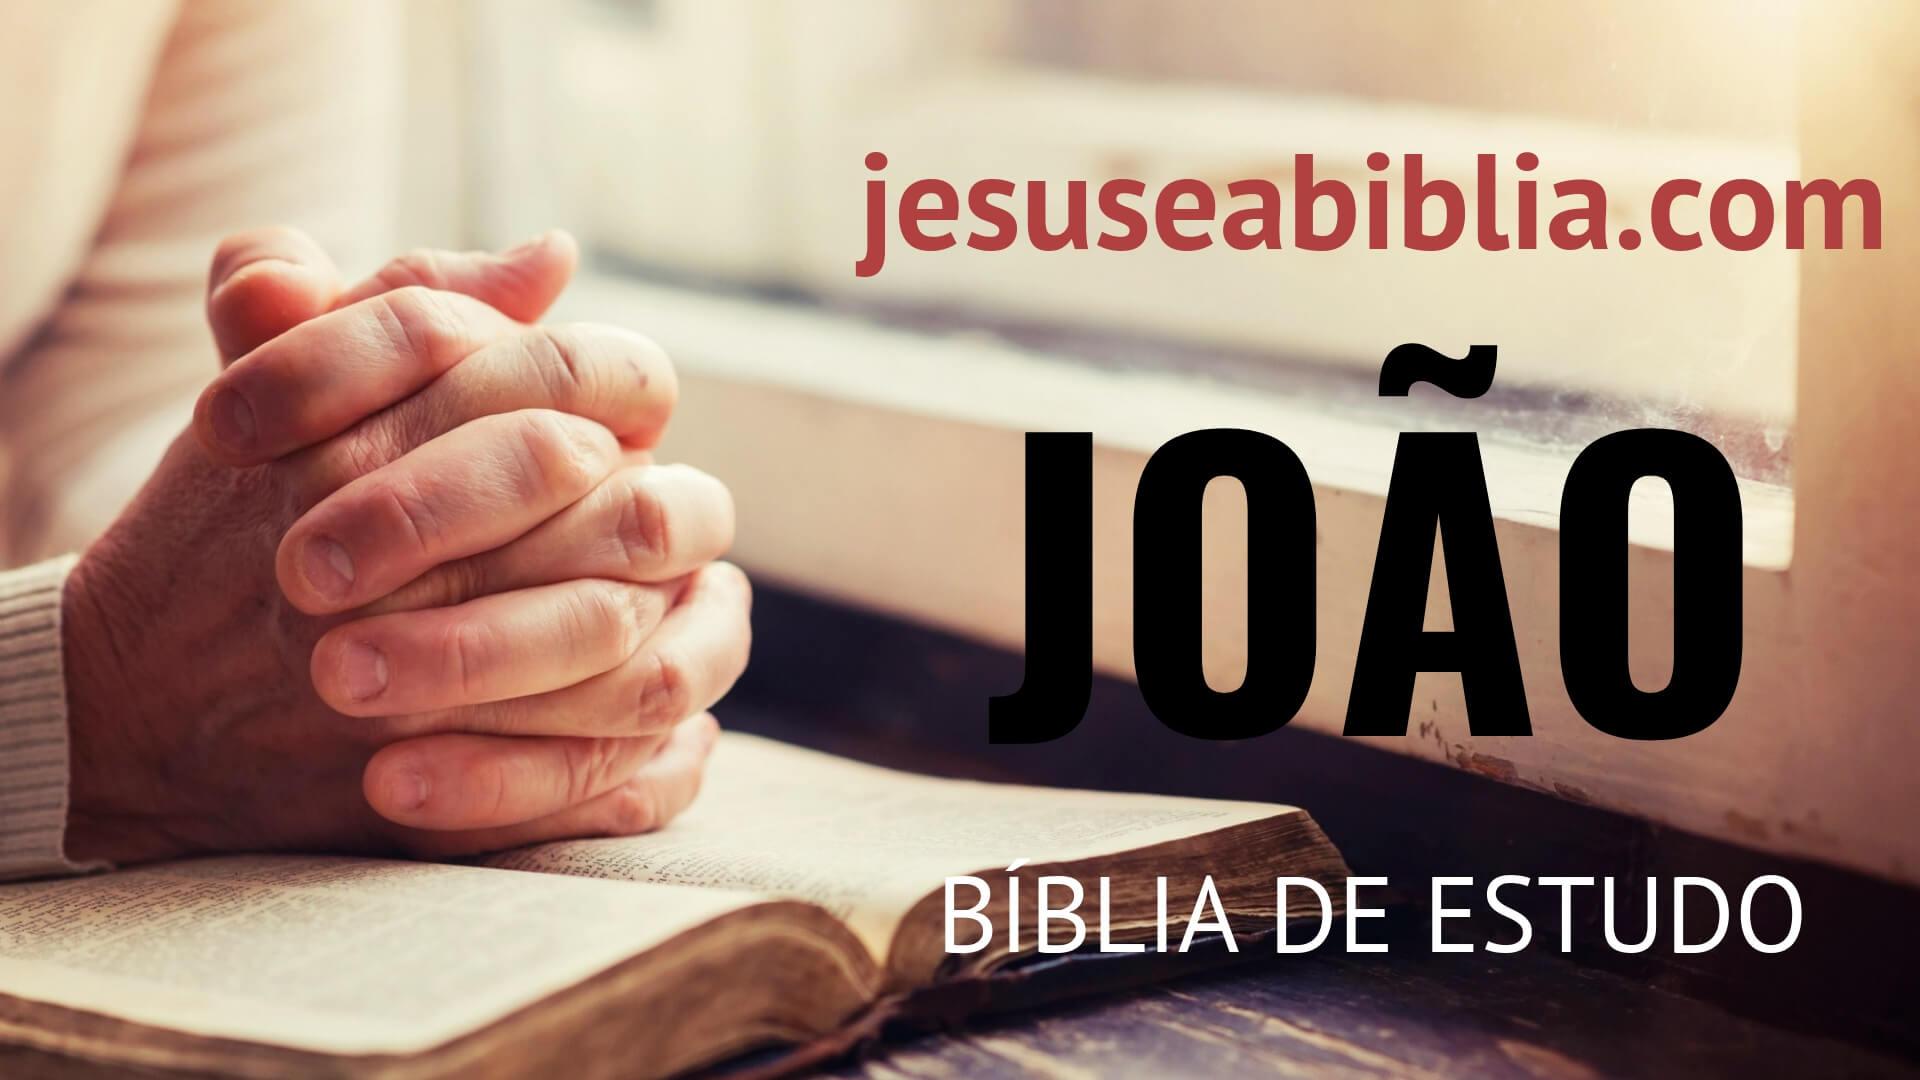 Evangelho Segundo João - Bíblia de Estudo Online